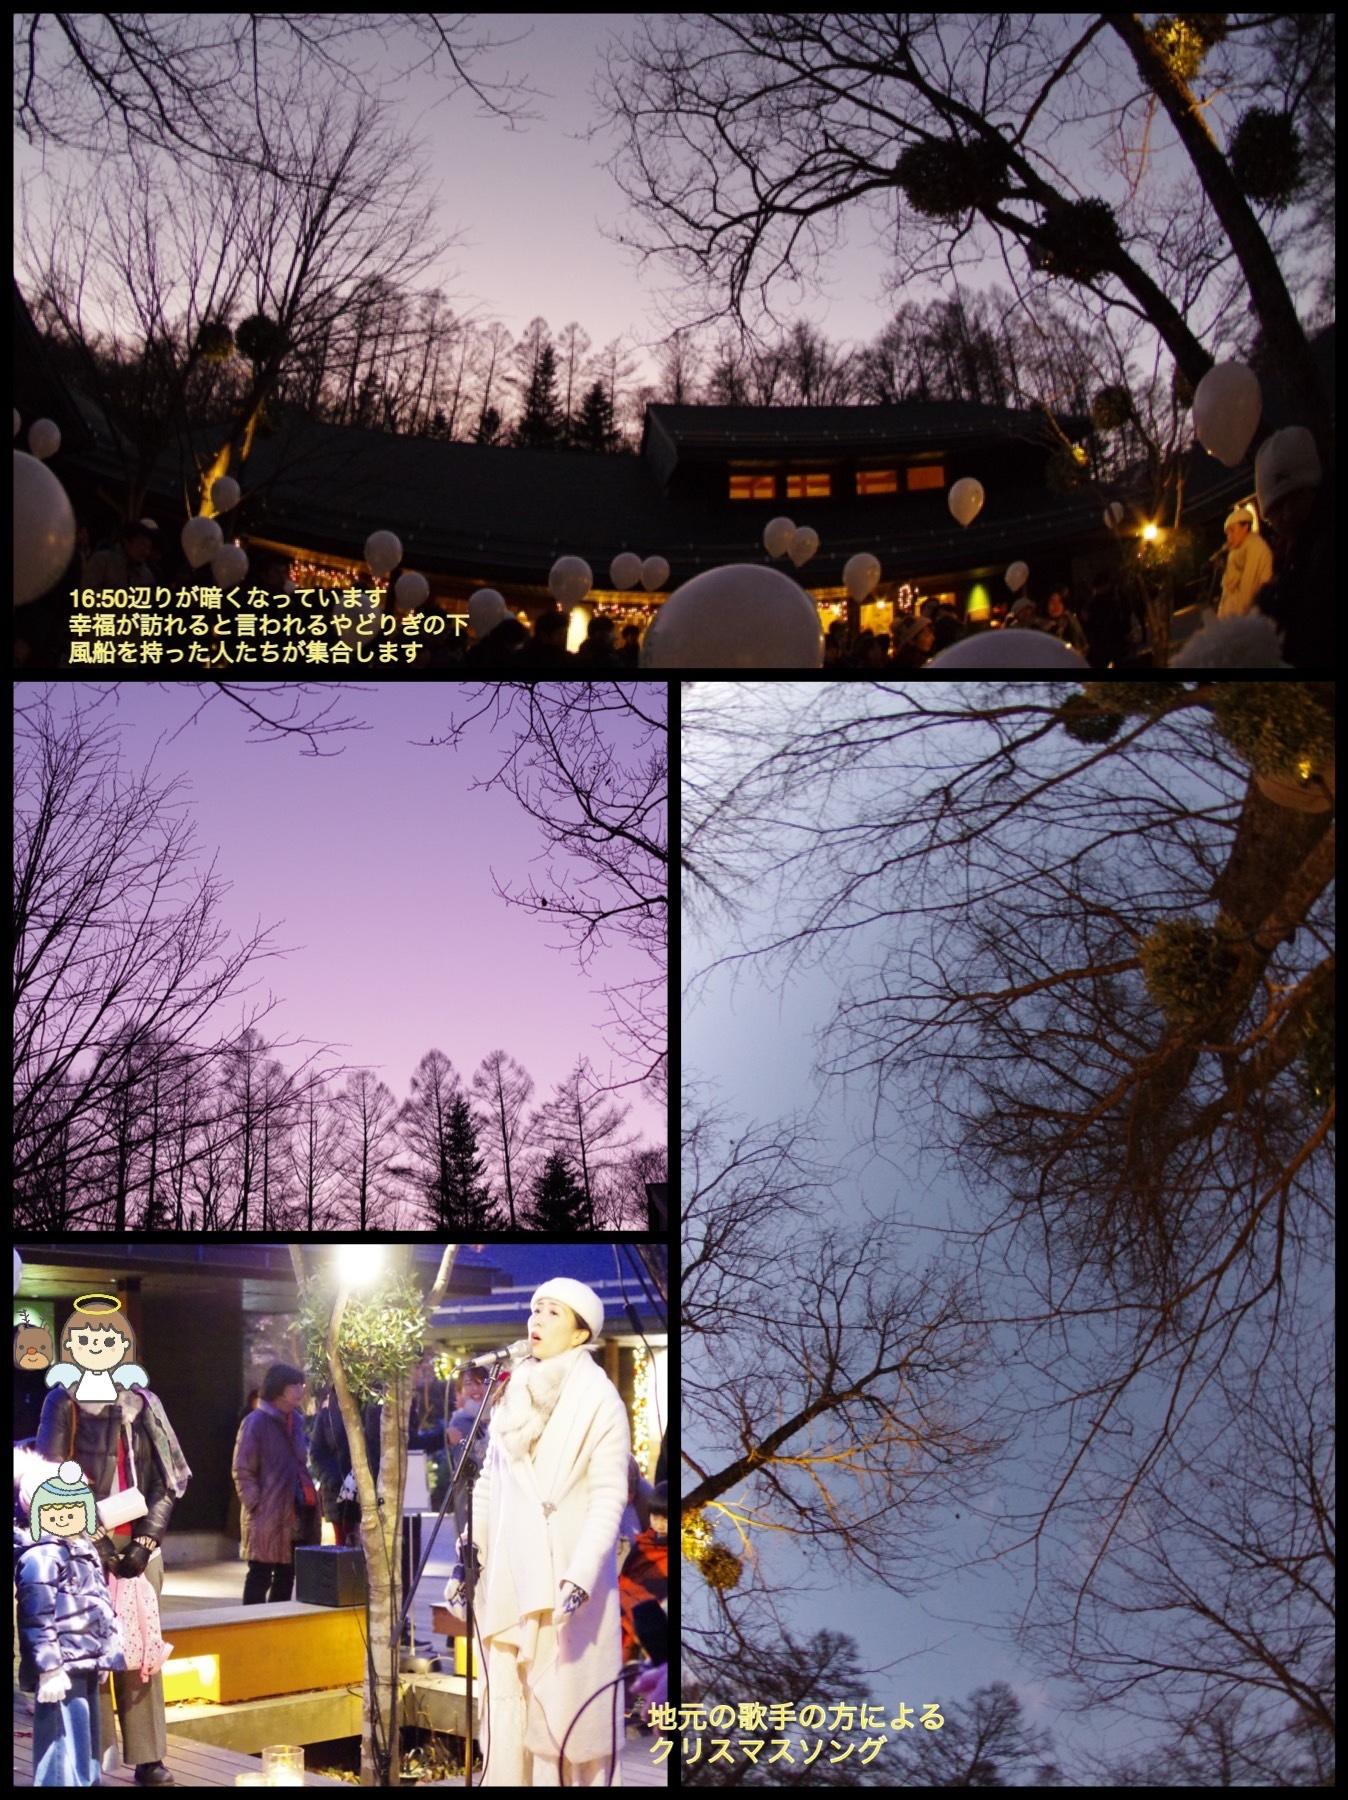 星のや軽井沢クリスマス宿泊 ハルニレテラス やどりぎ点灯式2019